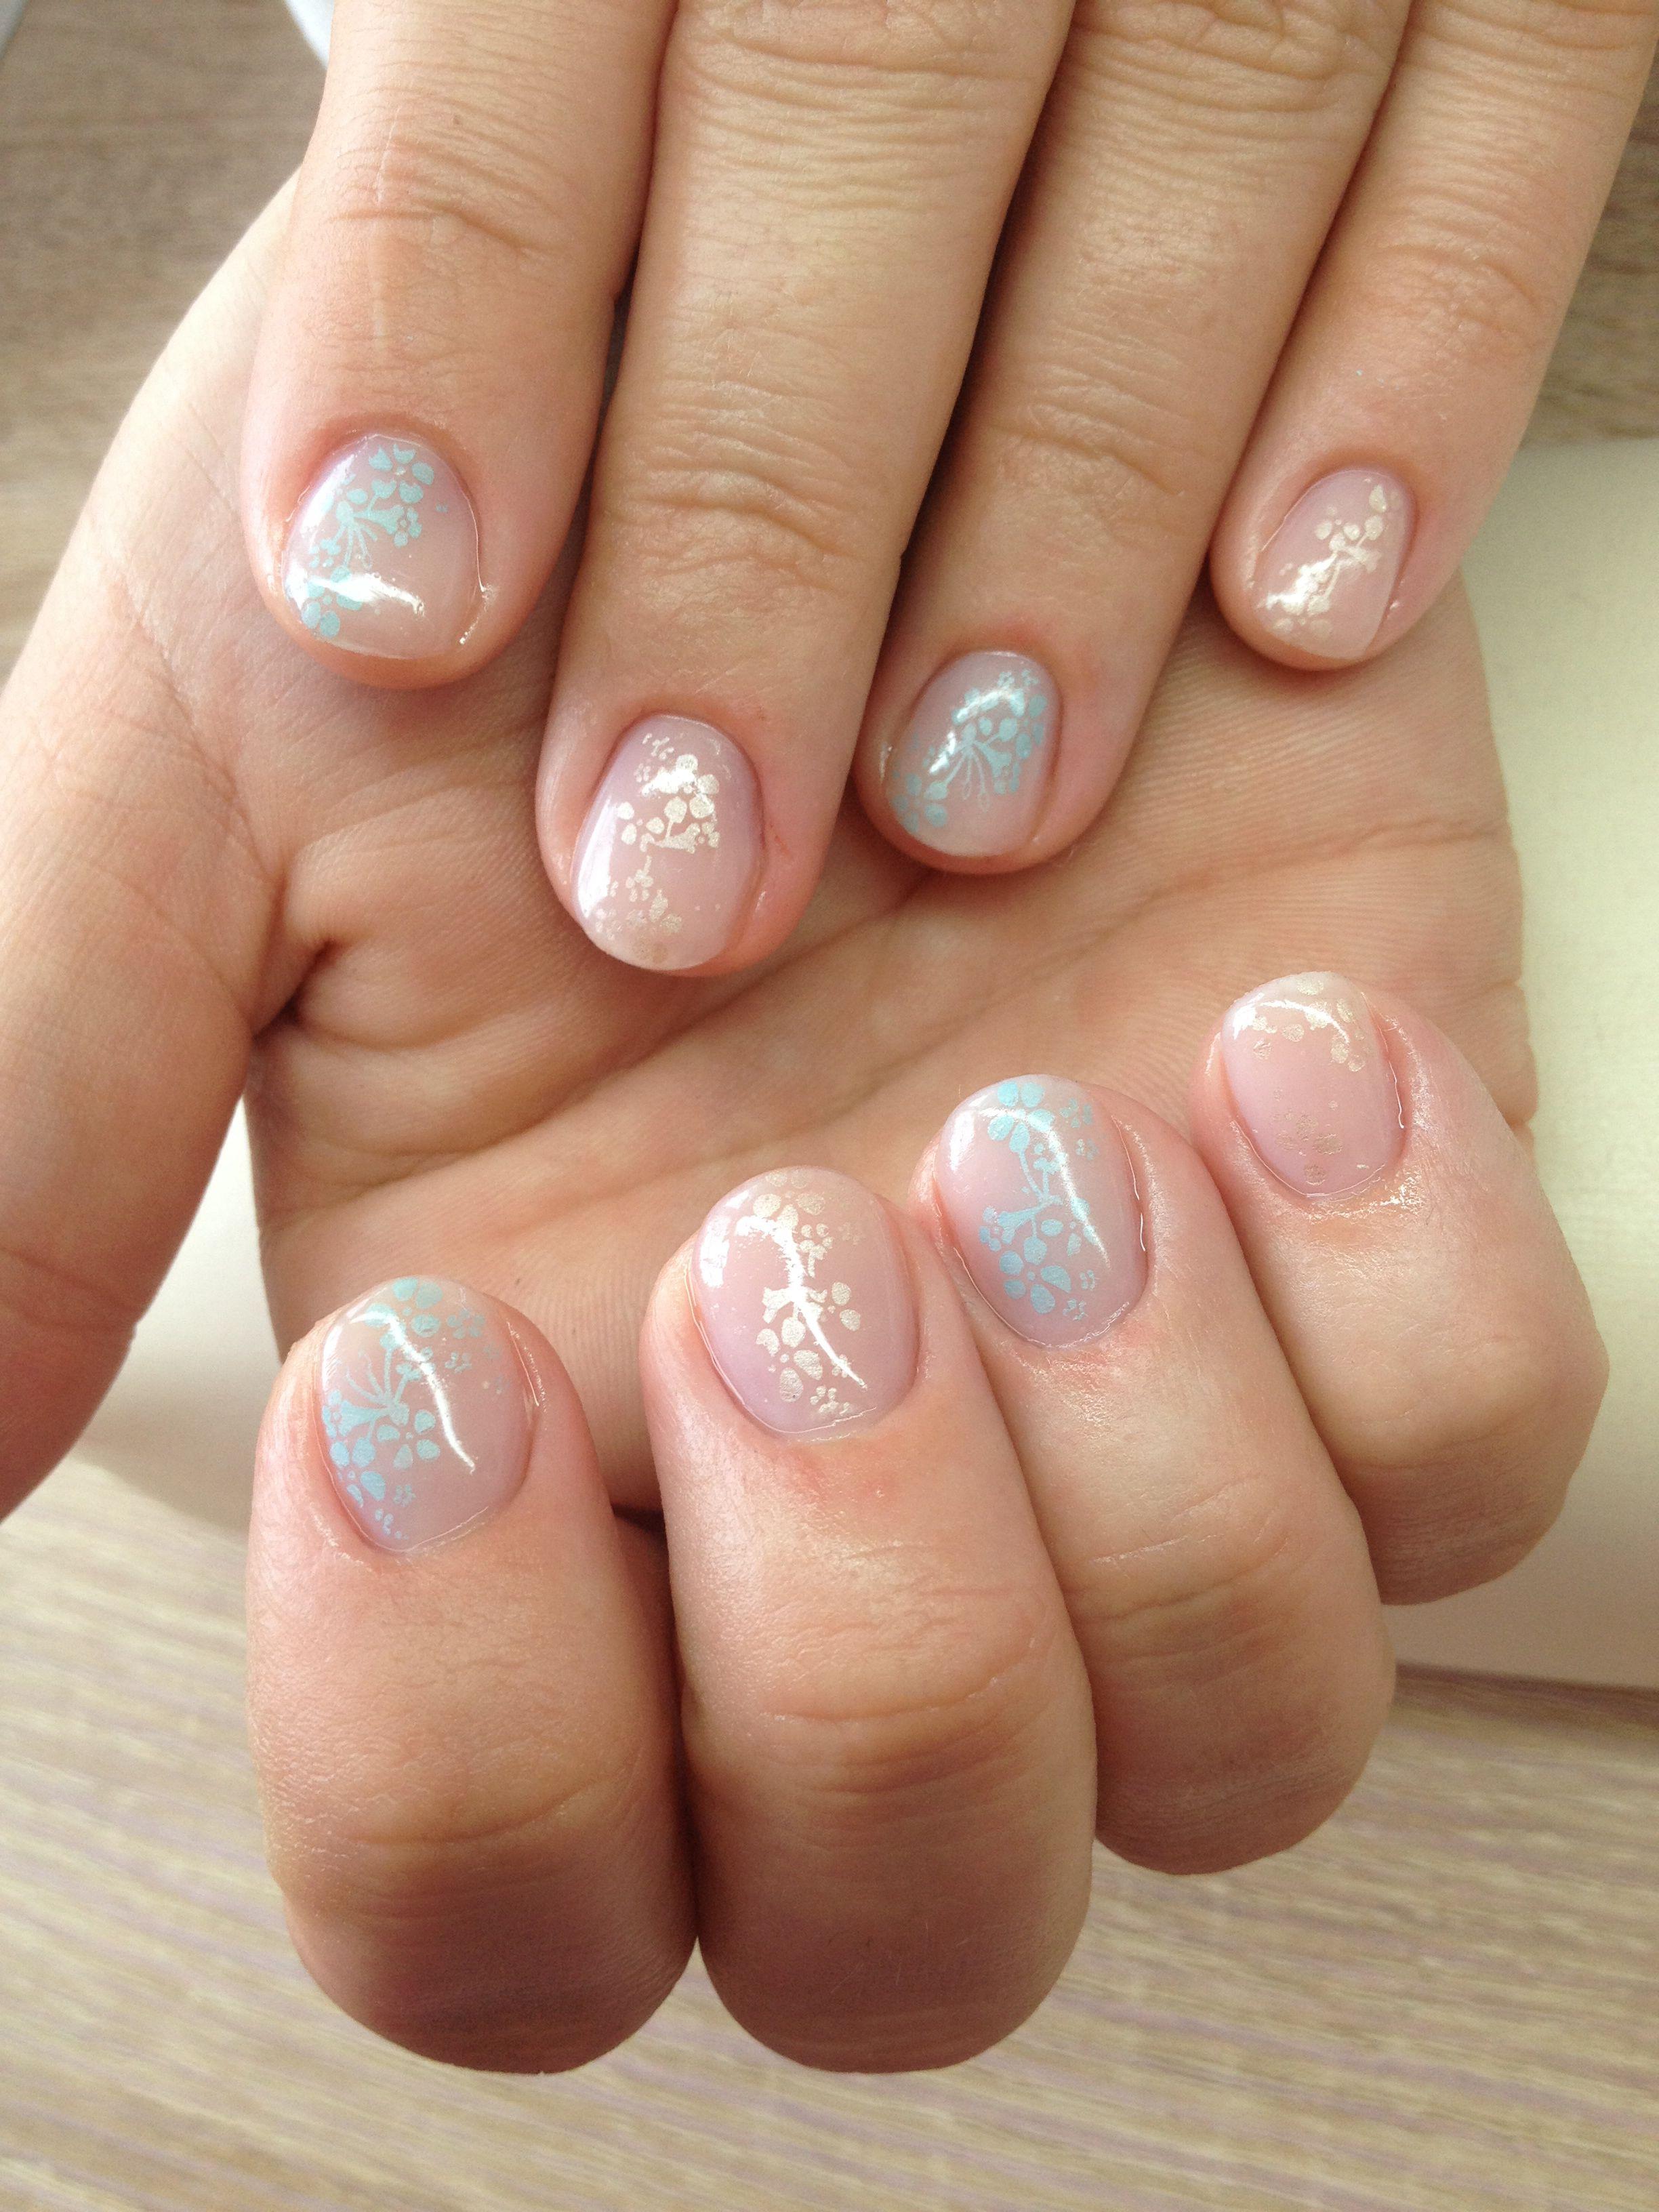 All Natural Nail Design Those Nails Pinterest Natural Nails